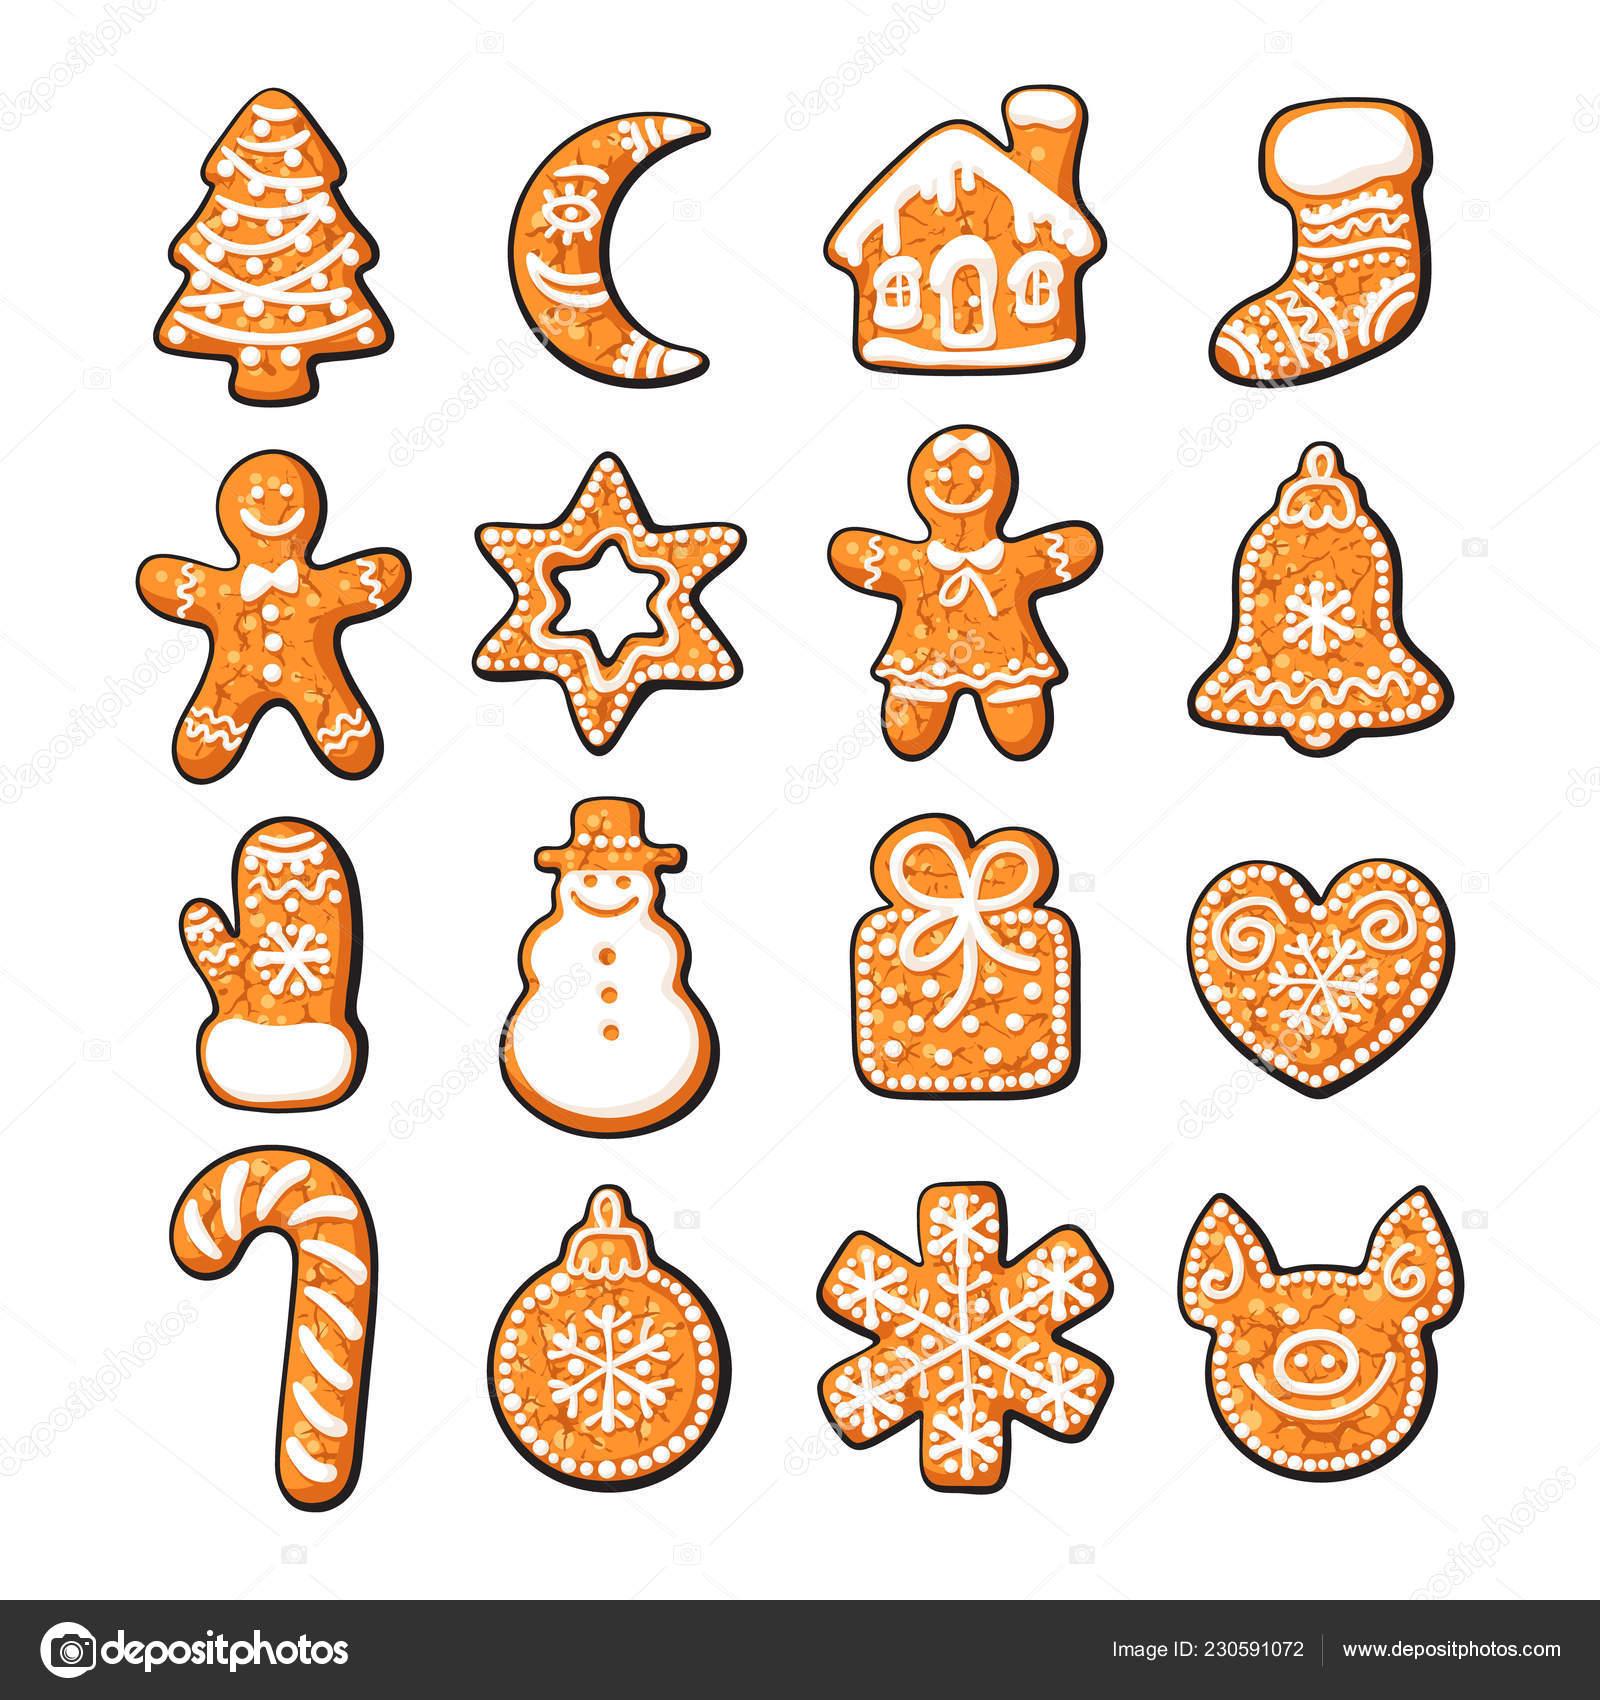 Weihnachtsgebäck Clipart.Satz Von Niedlichen Lebkuchen Weihnachtsgebäck Hand Gezeichnet